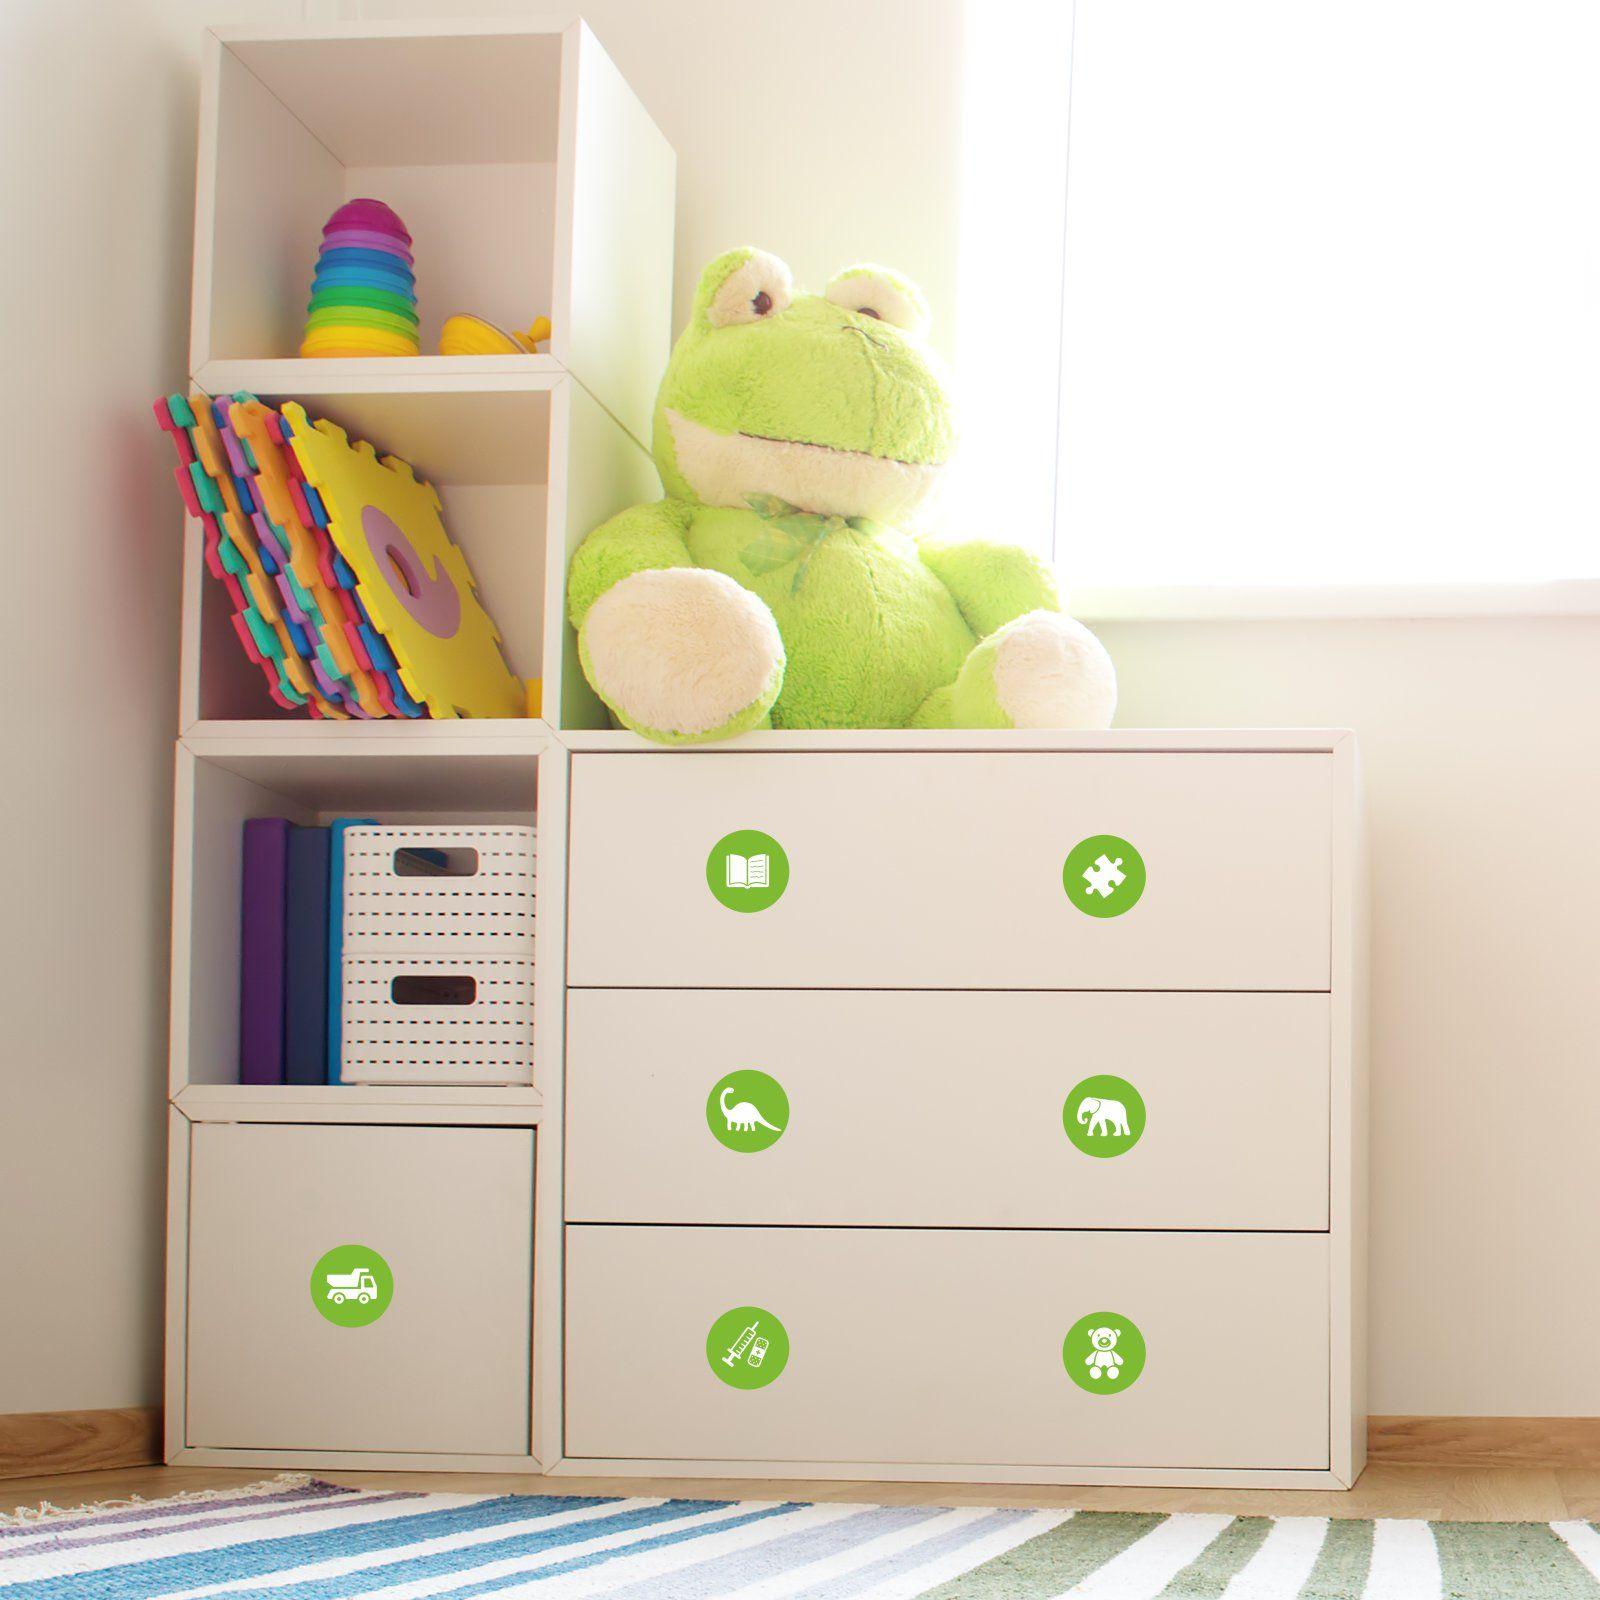 Mobelaufkleber Ordnungssticker Fur Spielzeug Weiss Grun Spielzeug Kinder Zimmer Aufkleber